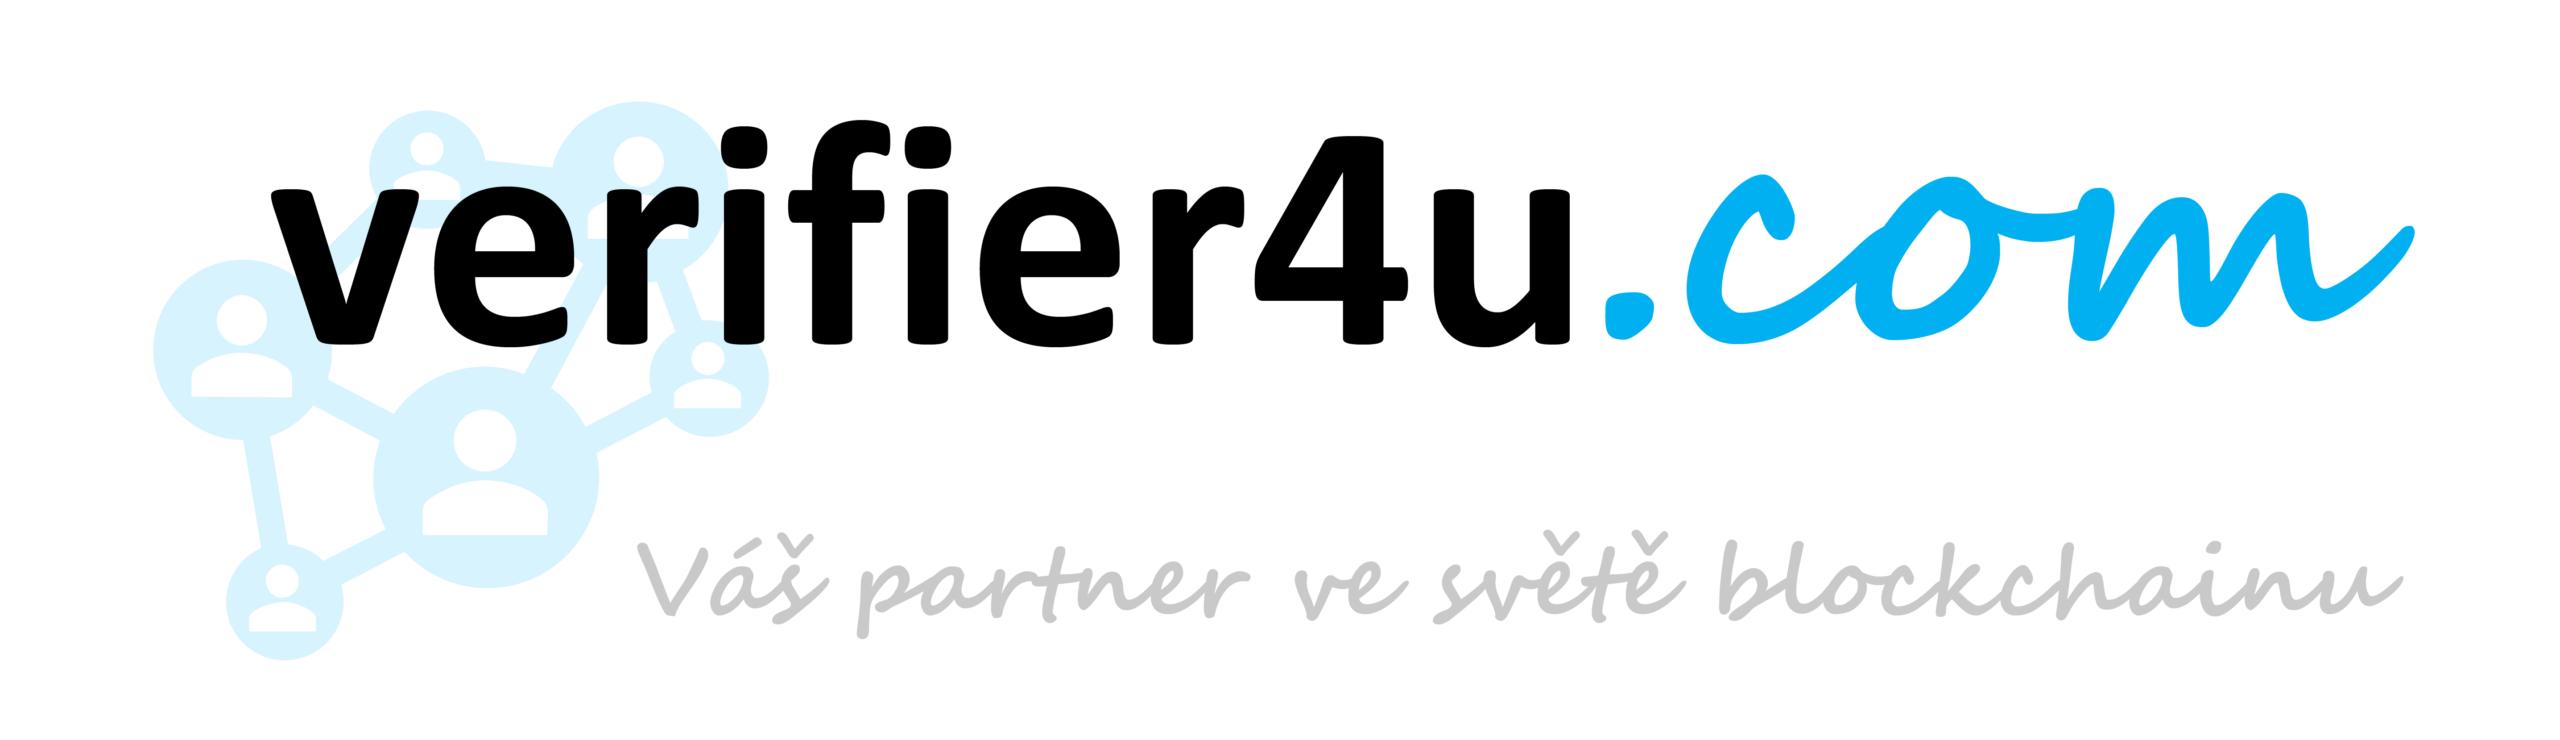 Verifier4U